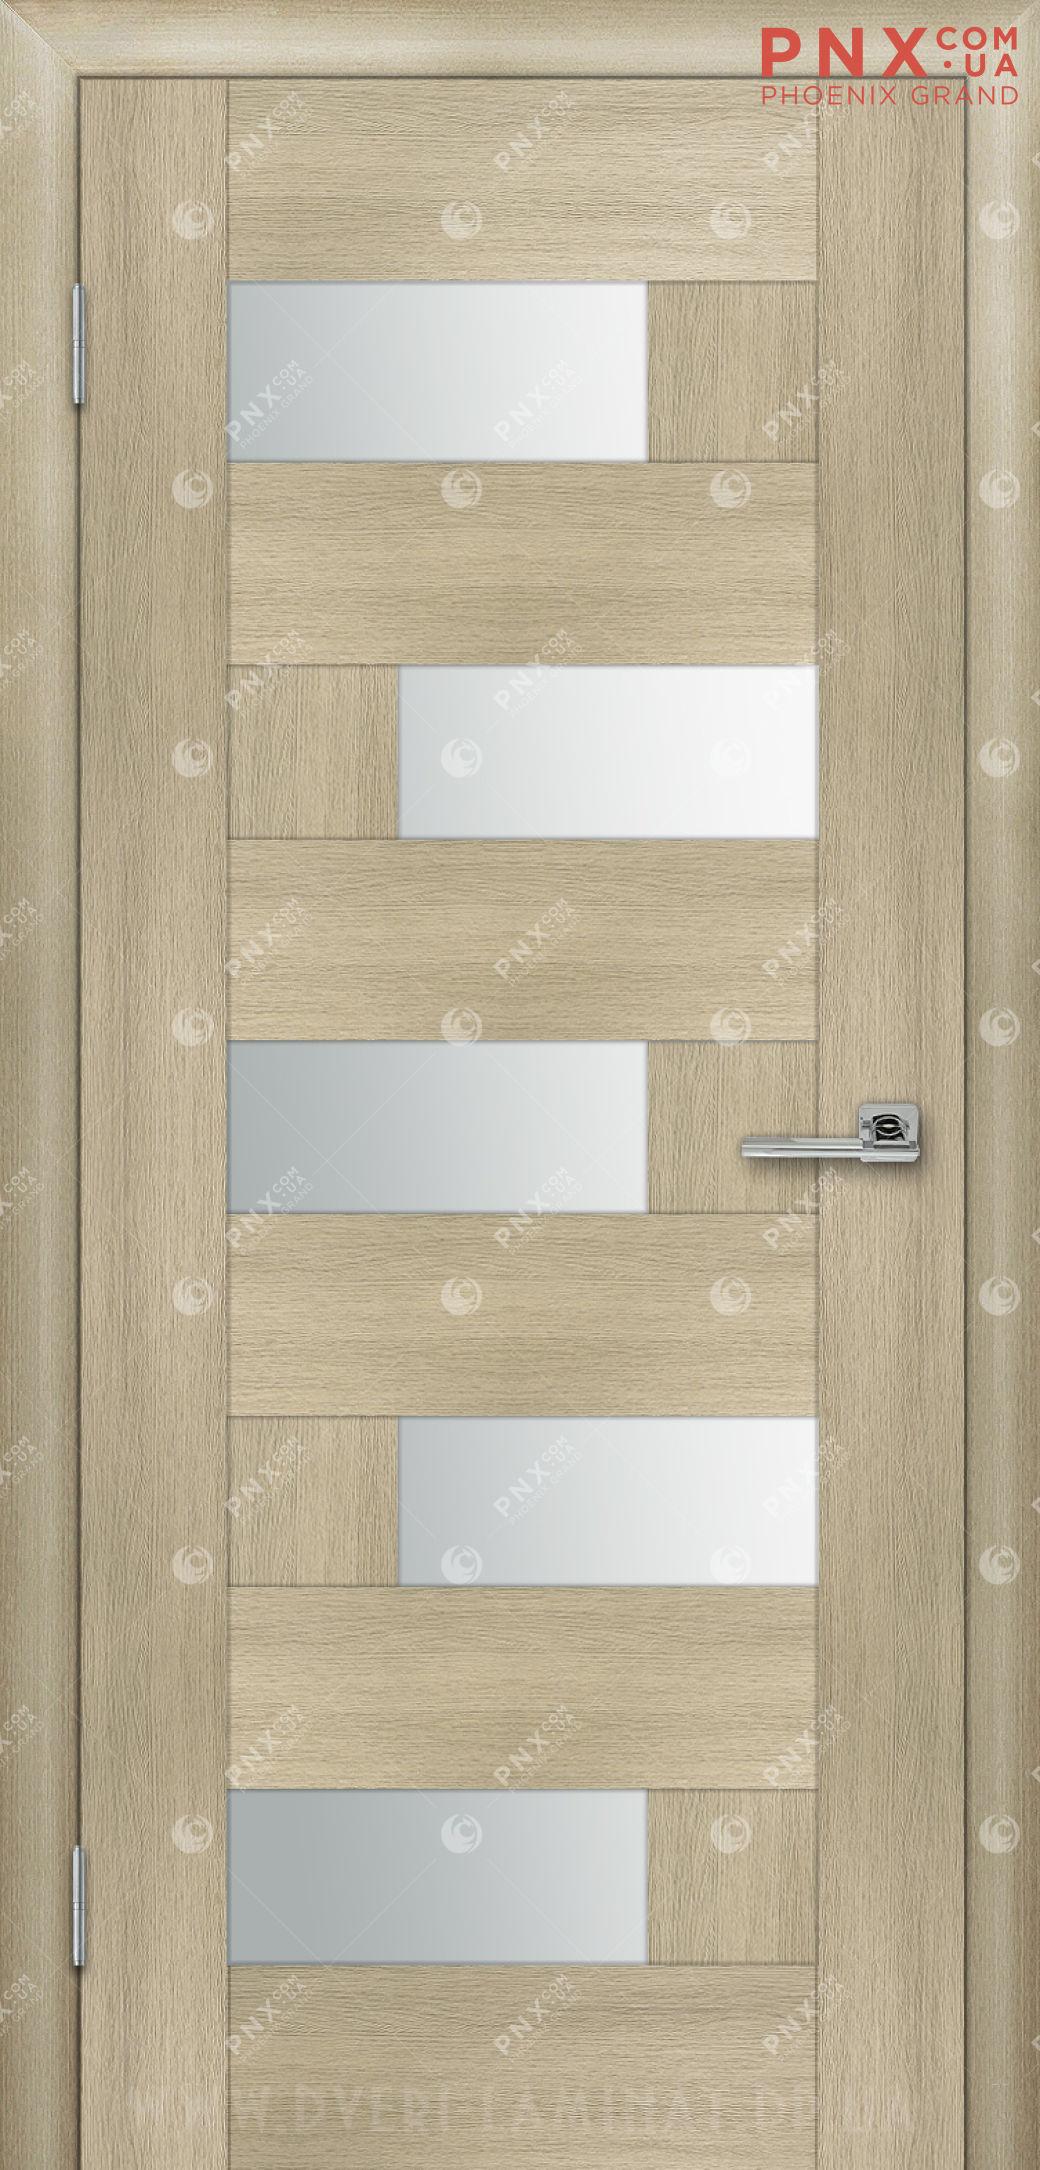 Межкомнатная дверь, , ПВХ, 5-й Элемент, Домино, дуб беленный, стекло сатин